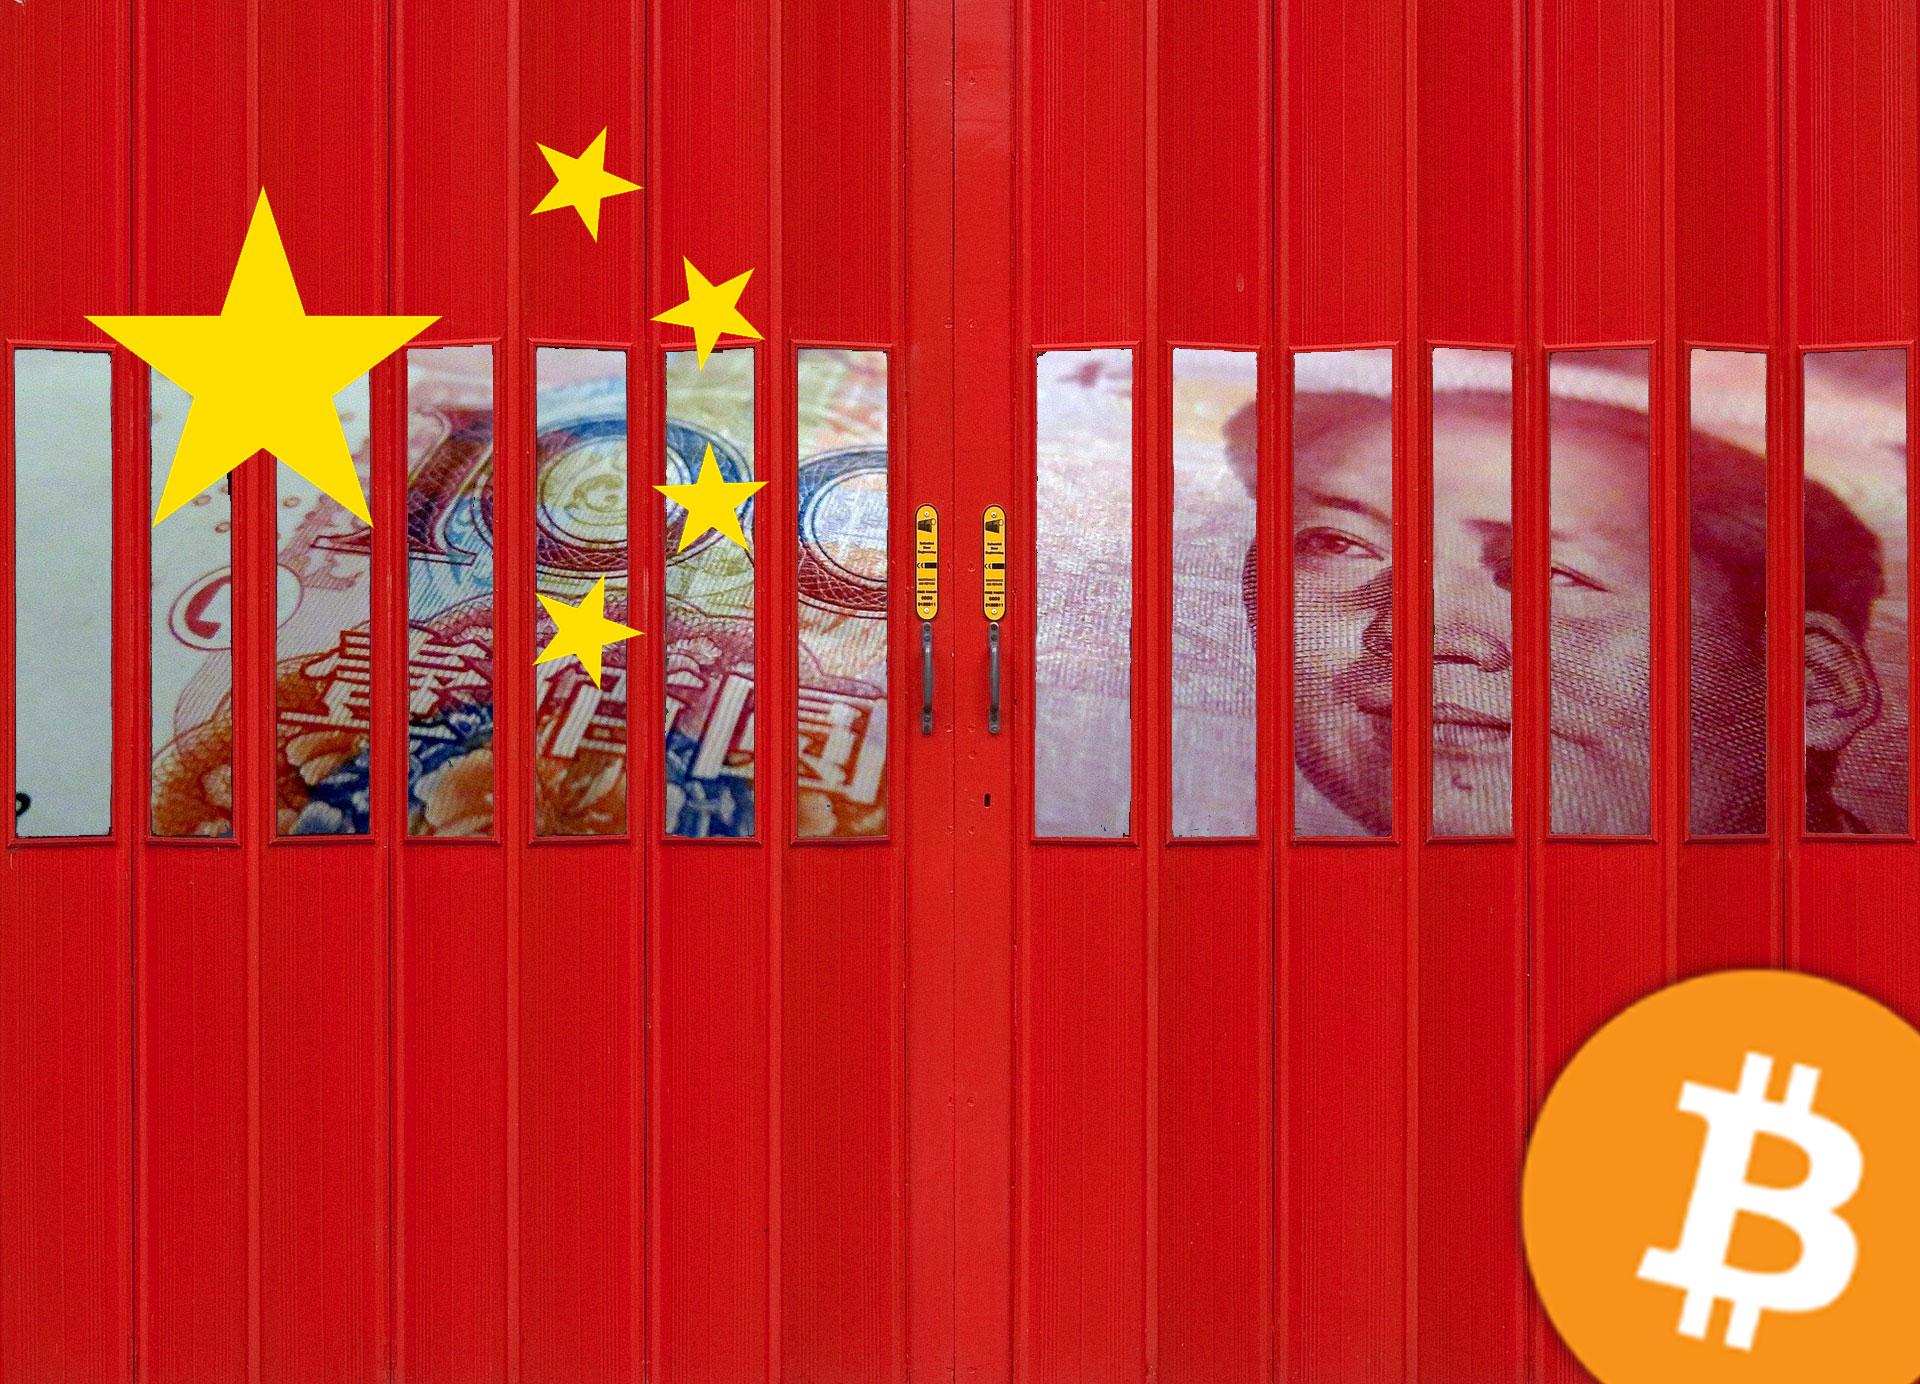 中国、新型コロナウィルス拡散防止に「紙幣の消毒・隔離」開始!仮想通貨の需要が高まるか